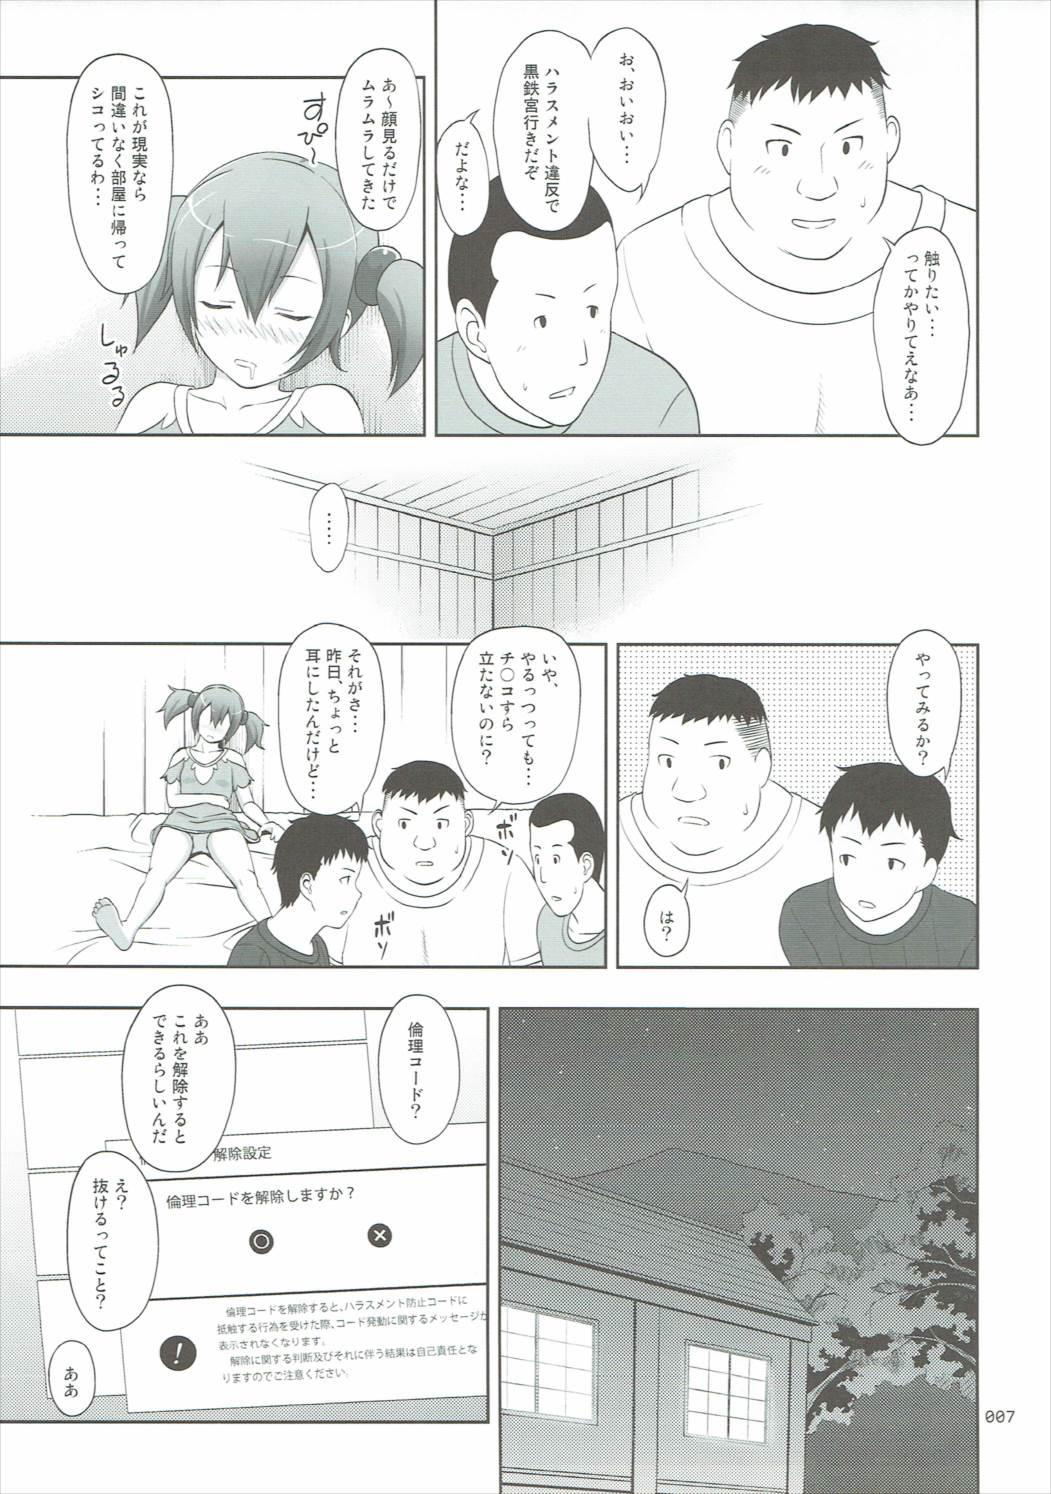 SAO no Usuusu na Ehon Buatsui 2 5